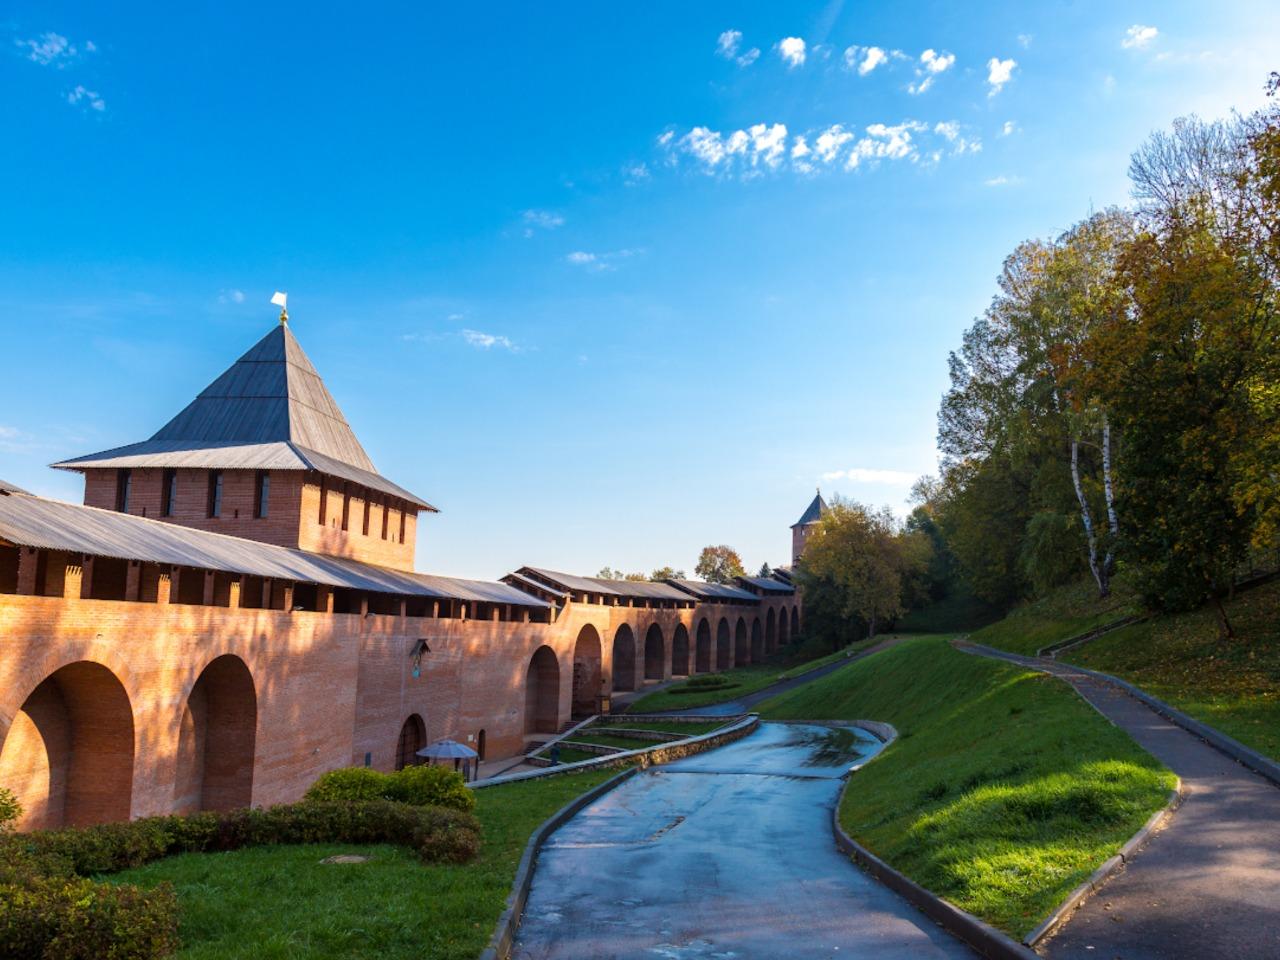 Пеший Нижний Новгород - индивидуальная экскурсия по Нижнему Новгороду от опытного гида